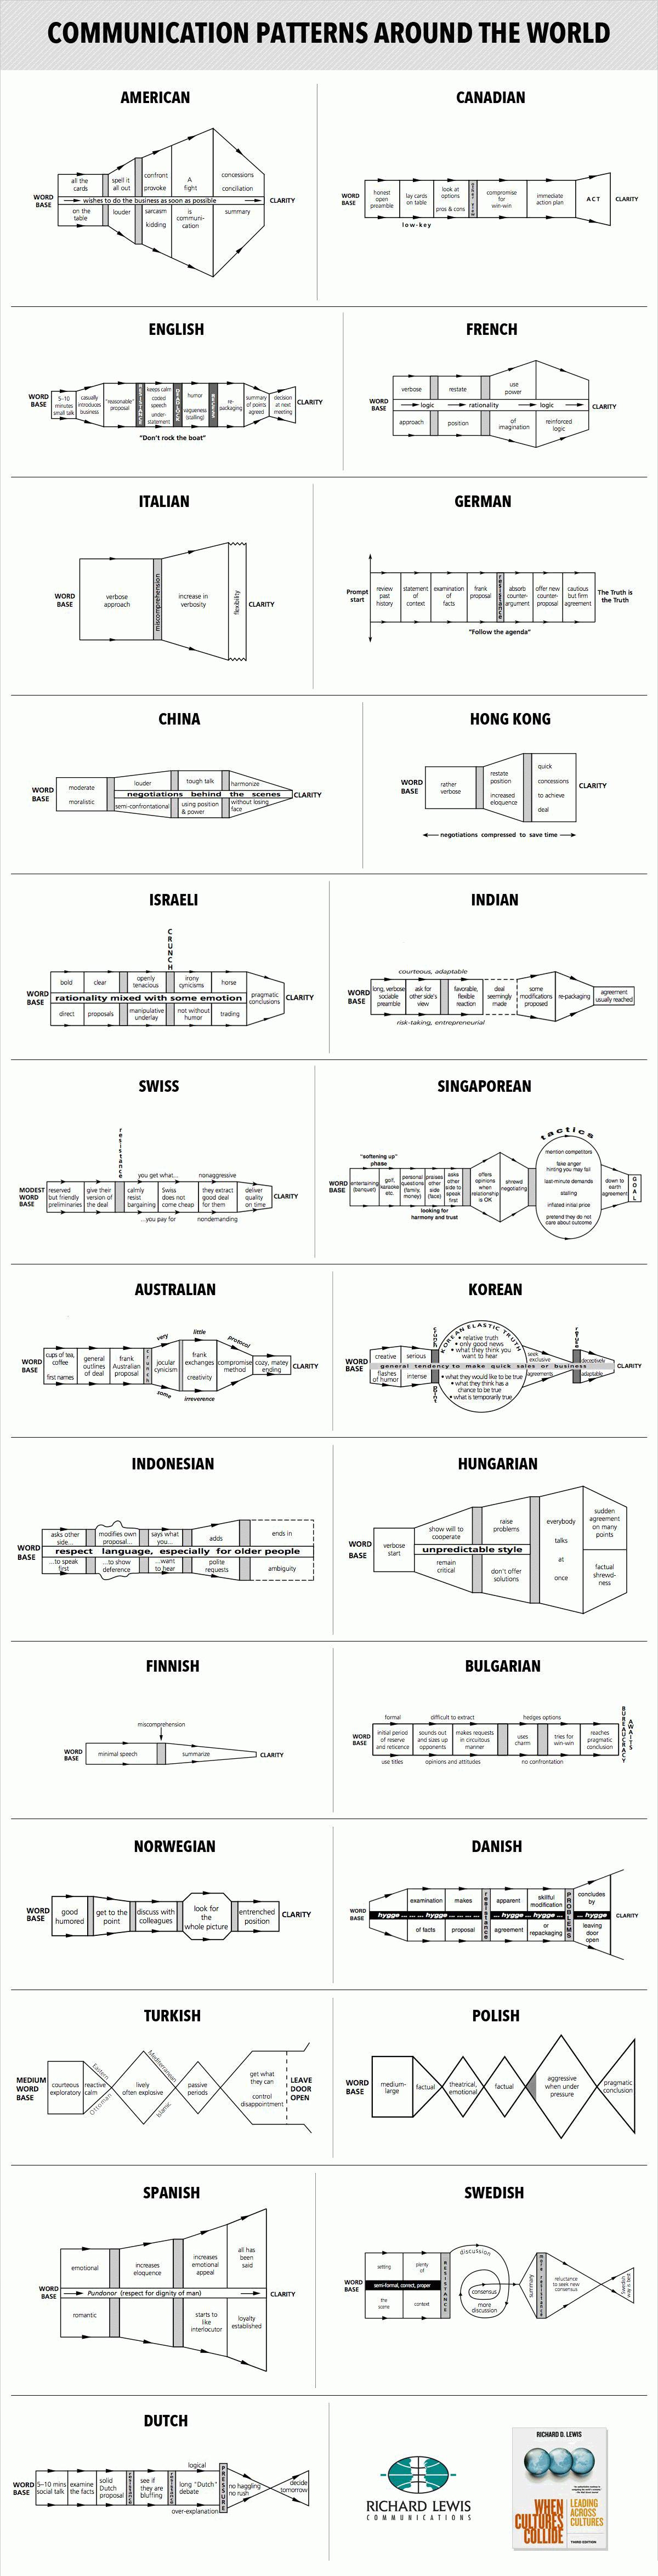 3-14communicationpatterns